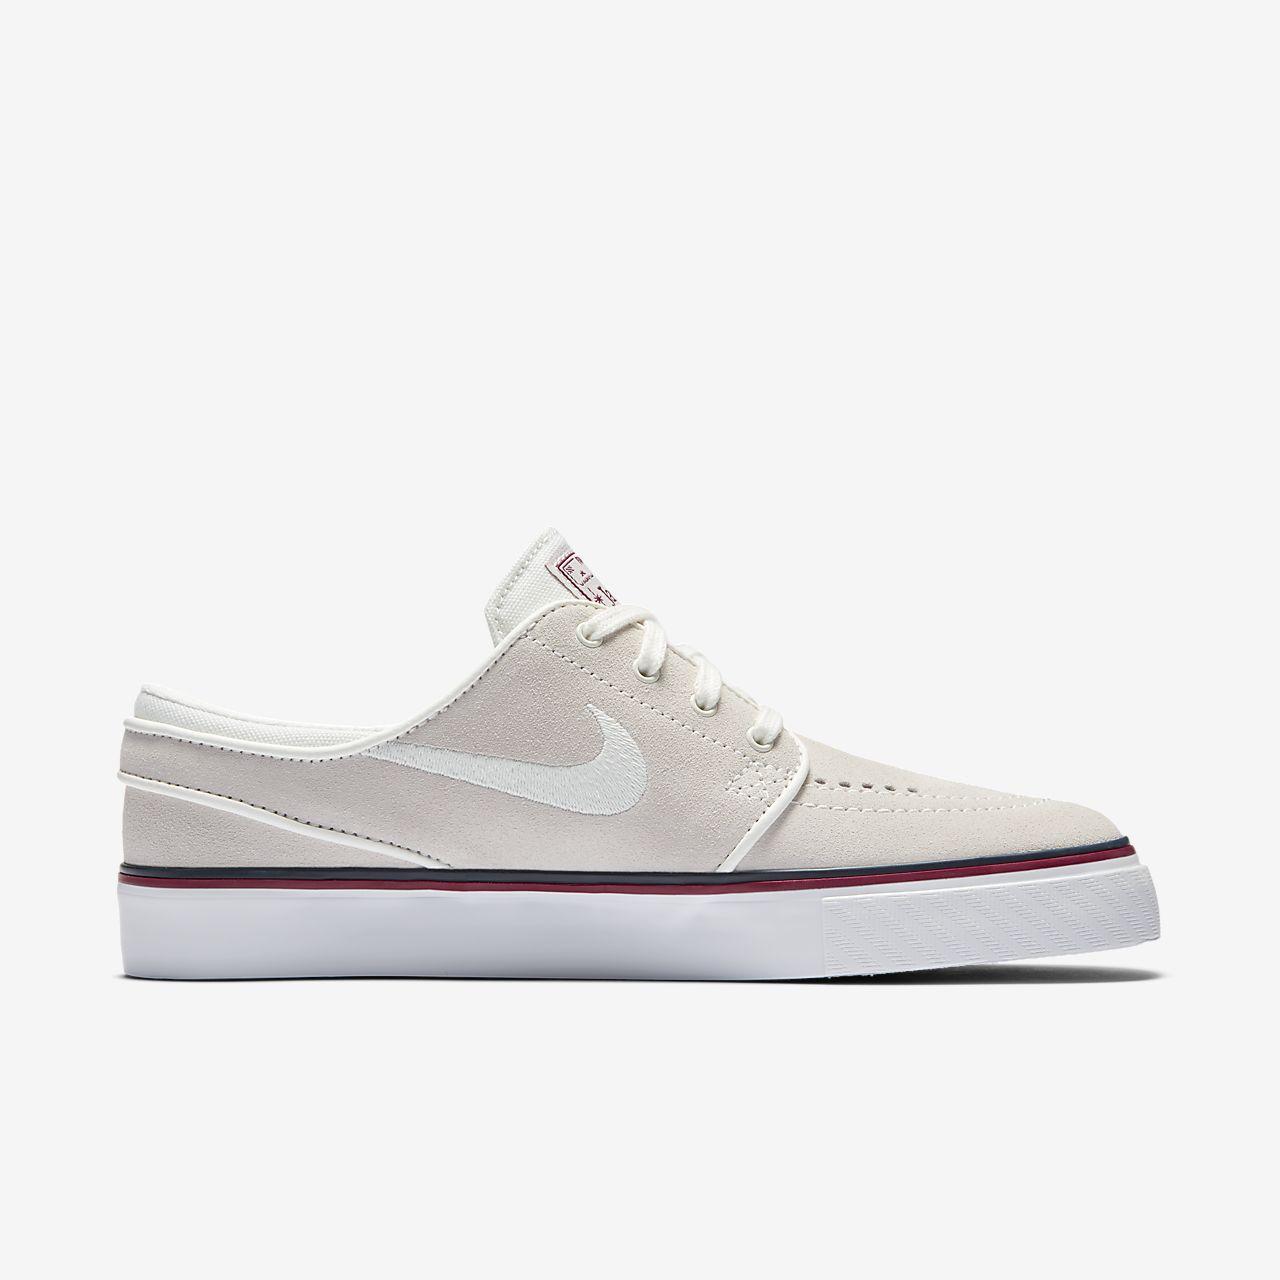 nike zoom stefan janoski zapatillas de skate